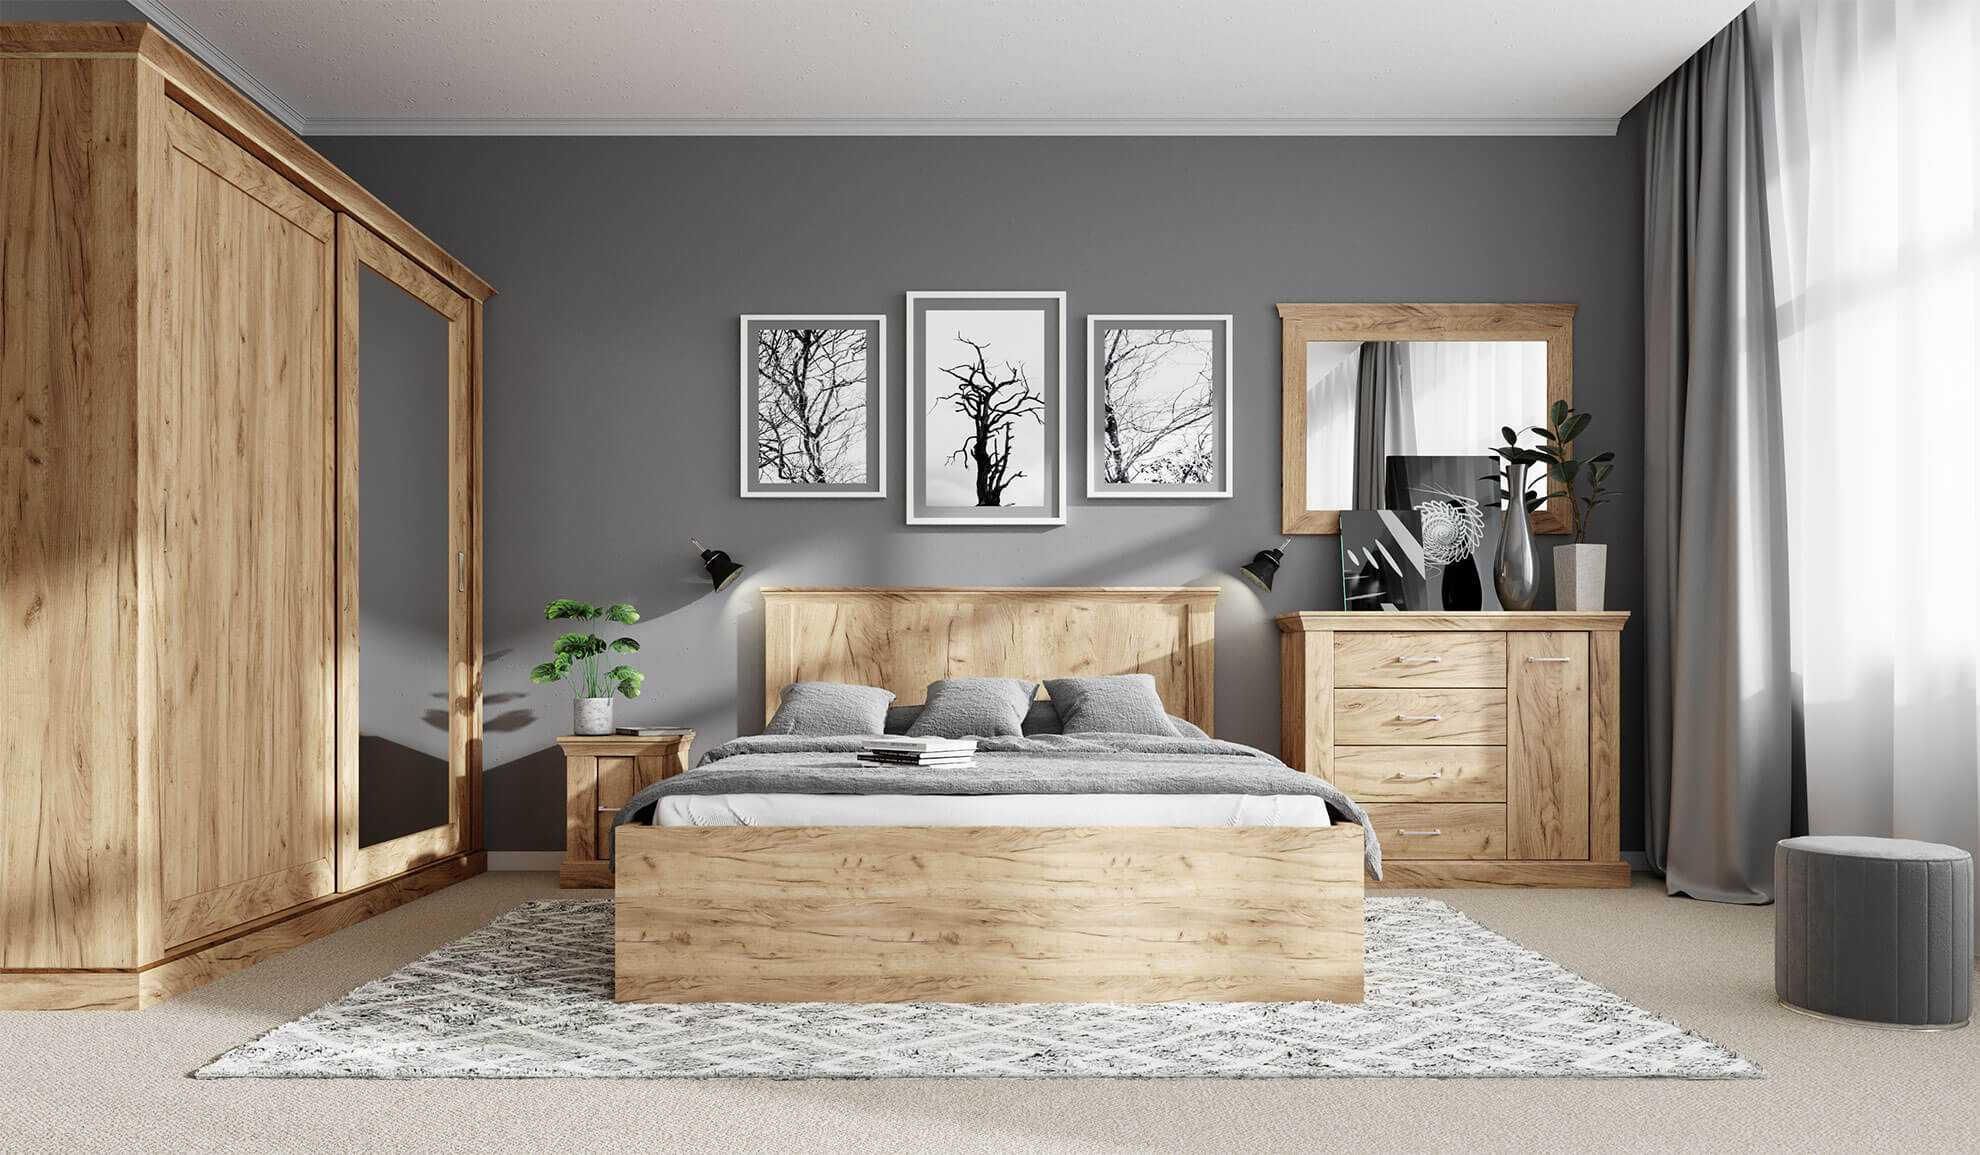 sypialnia antica wysoka rozdzielczo